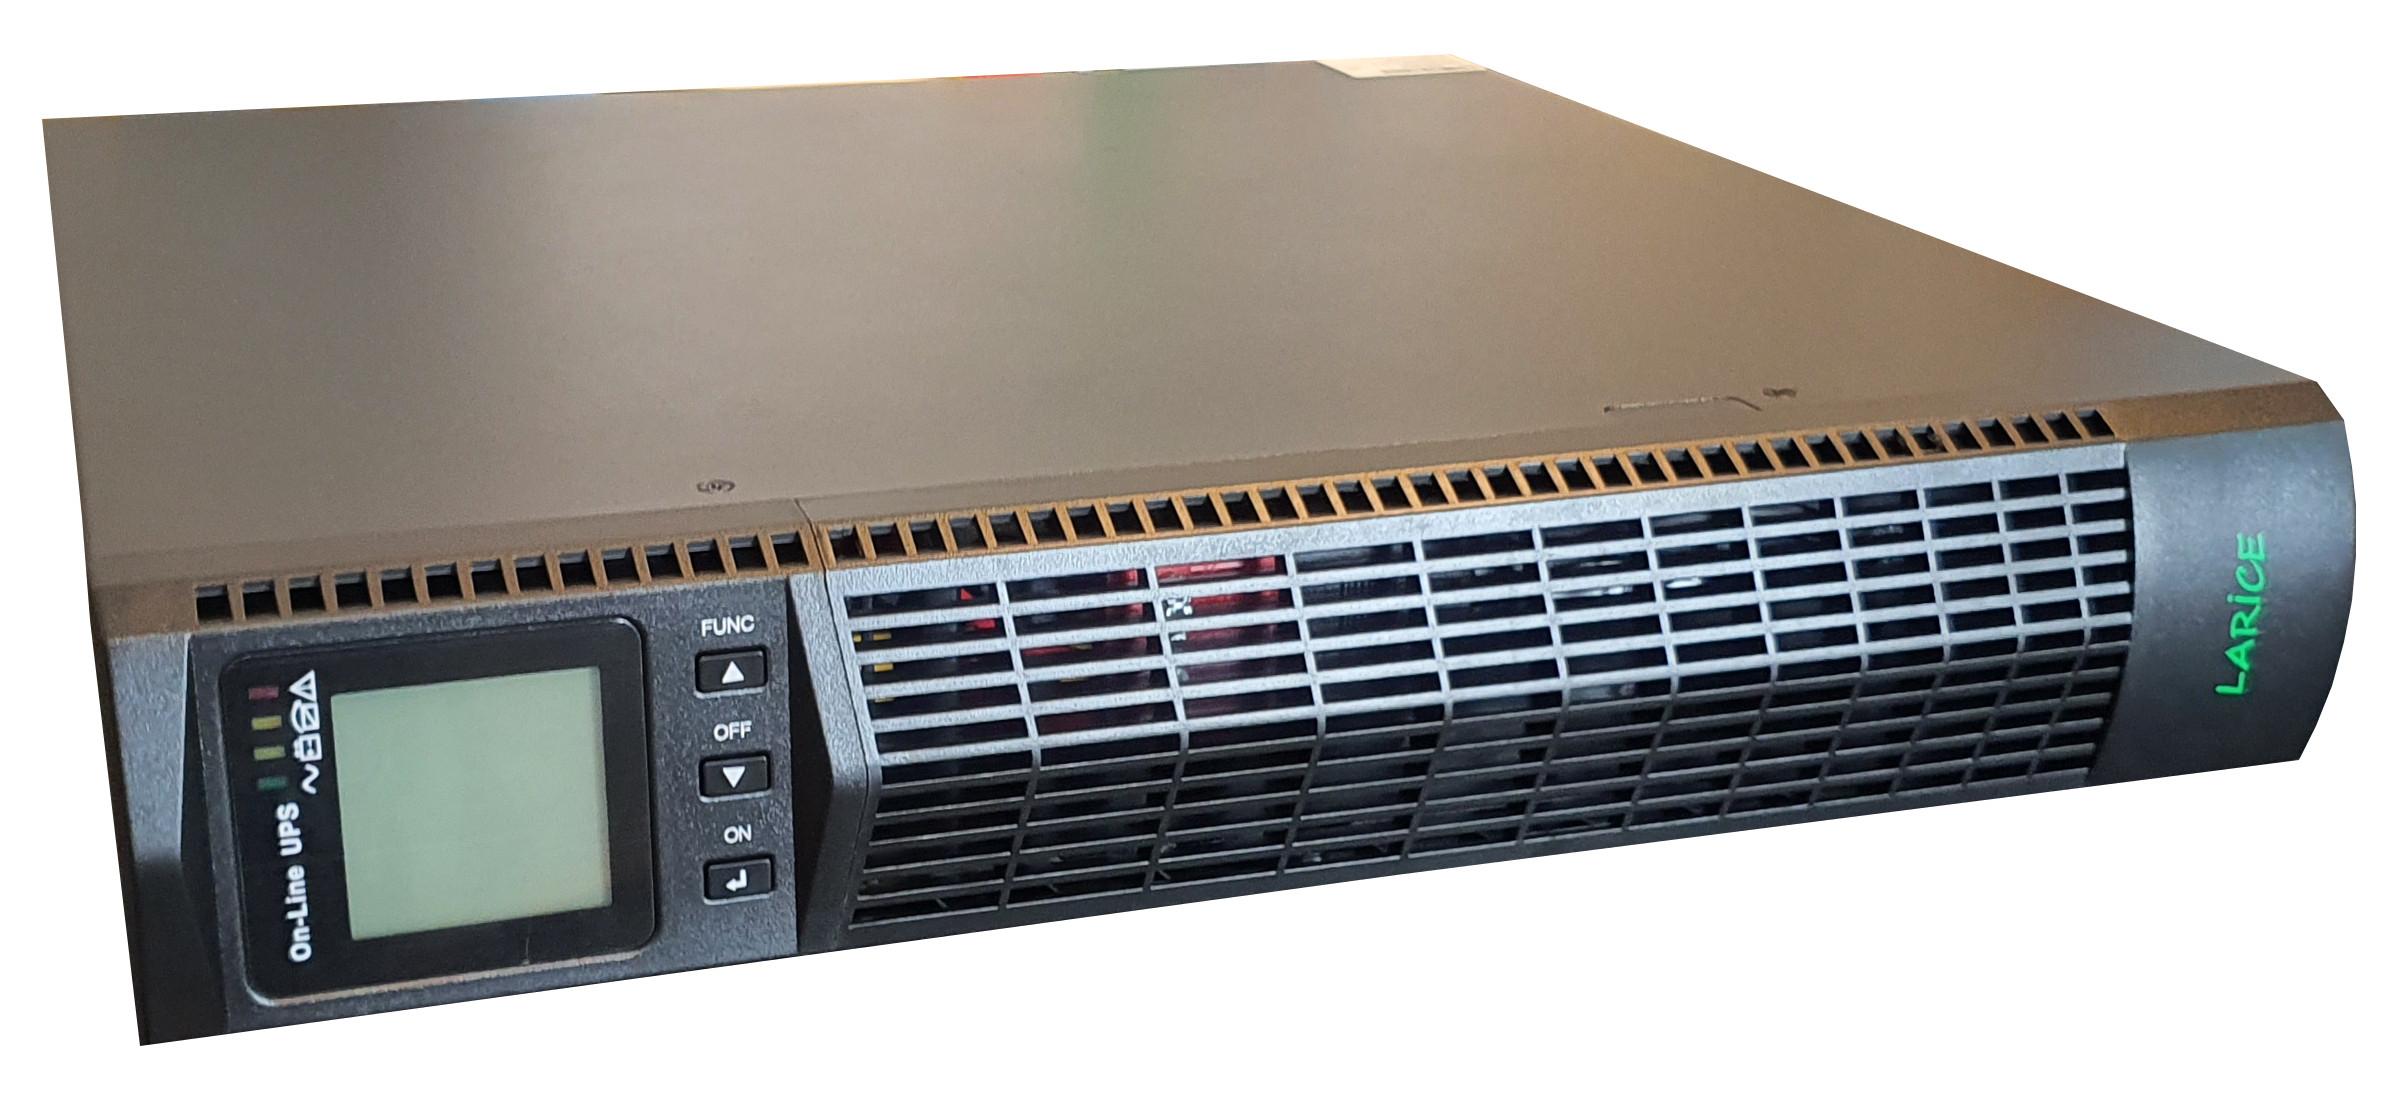 UPS LARICE Online Rack/tower 2000VA/2000W, 4 x 9Ah, 8 x IEC | LARICE | UDC9102S-RT One